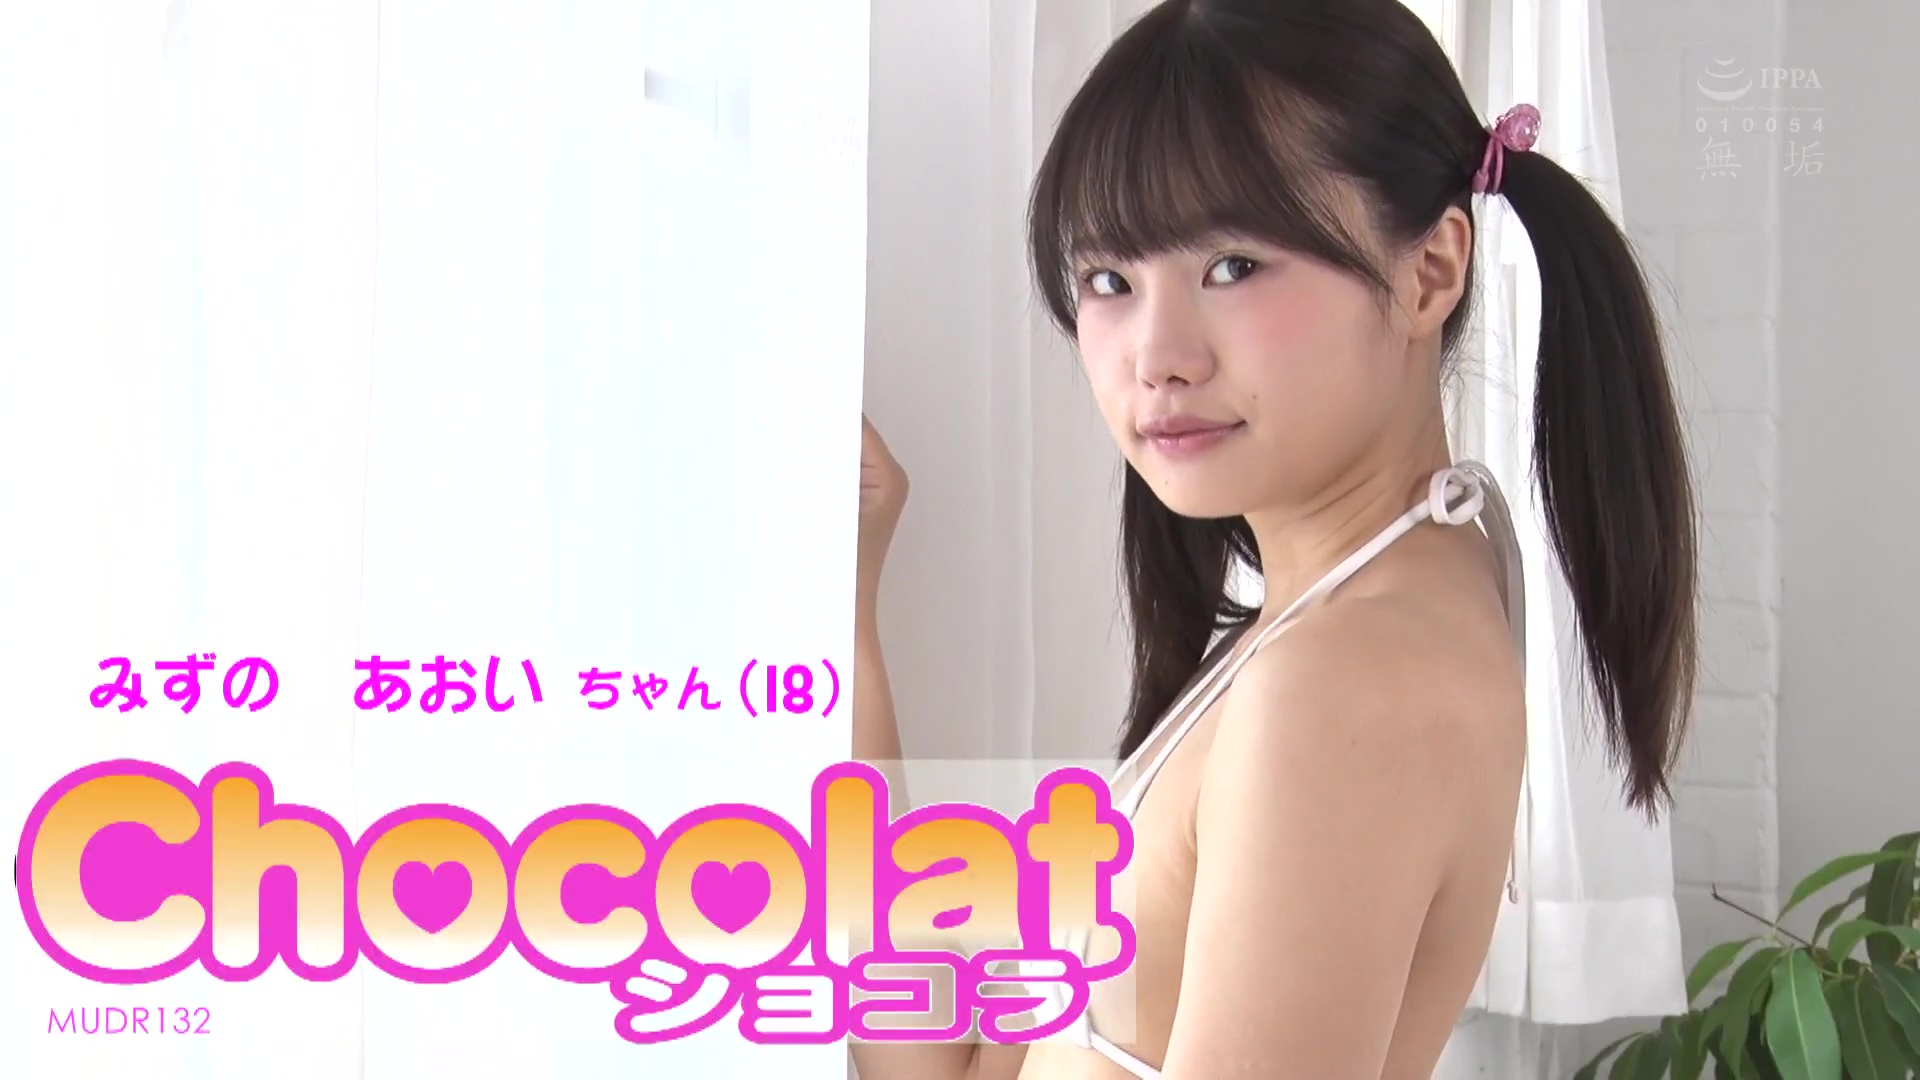 Chocolat みずのあおい 初めてのオシゴト 松本いちか